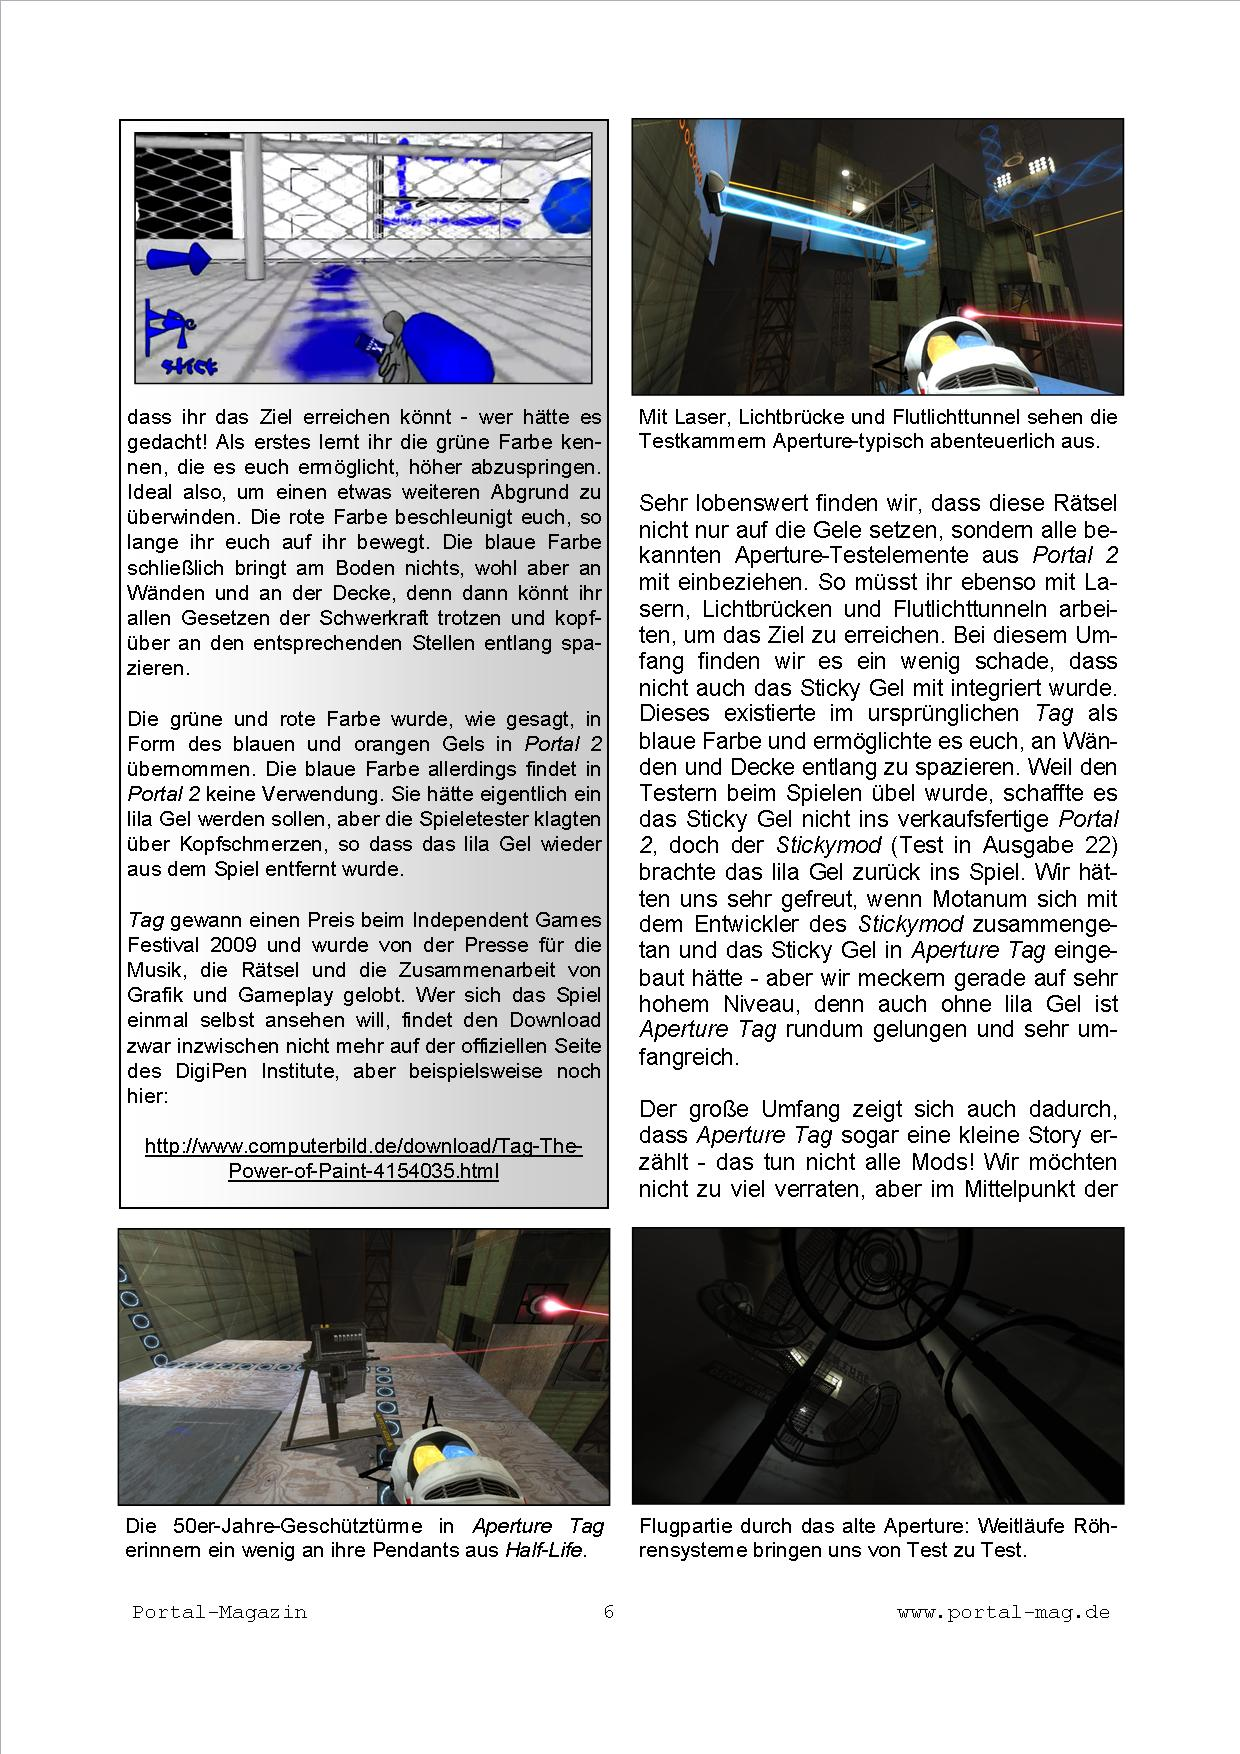 Ausgabe 26, Seite 6